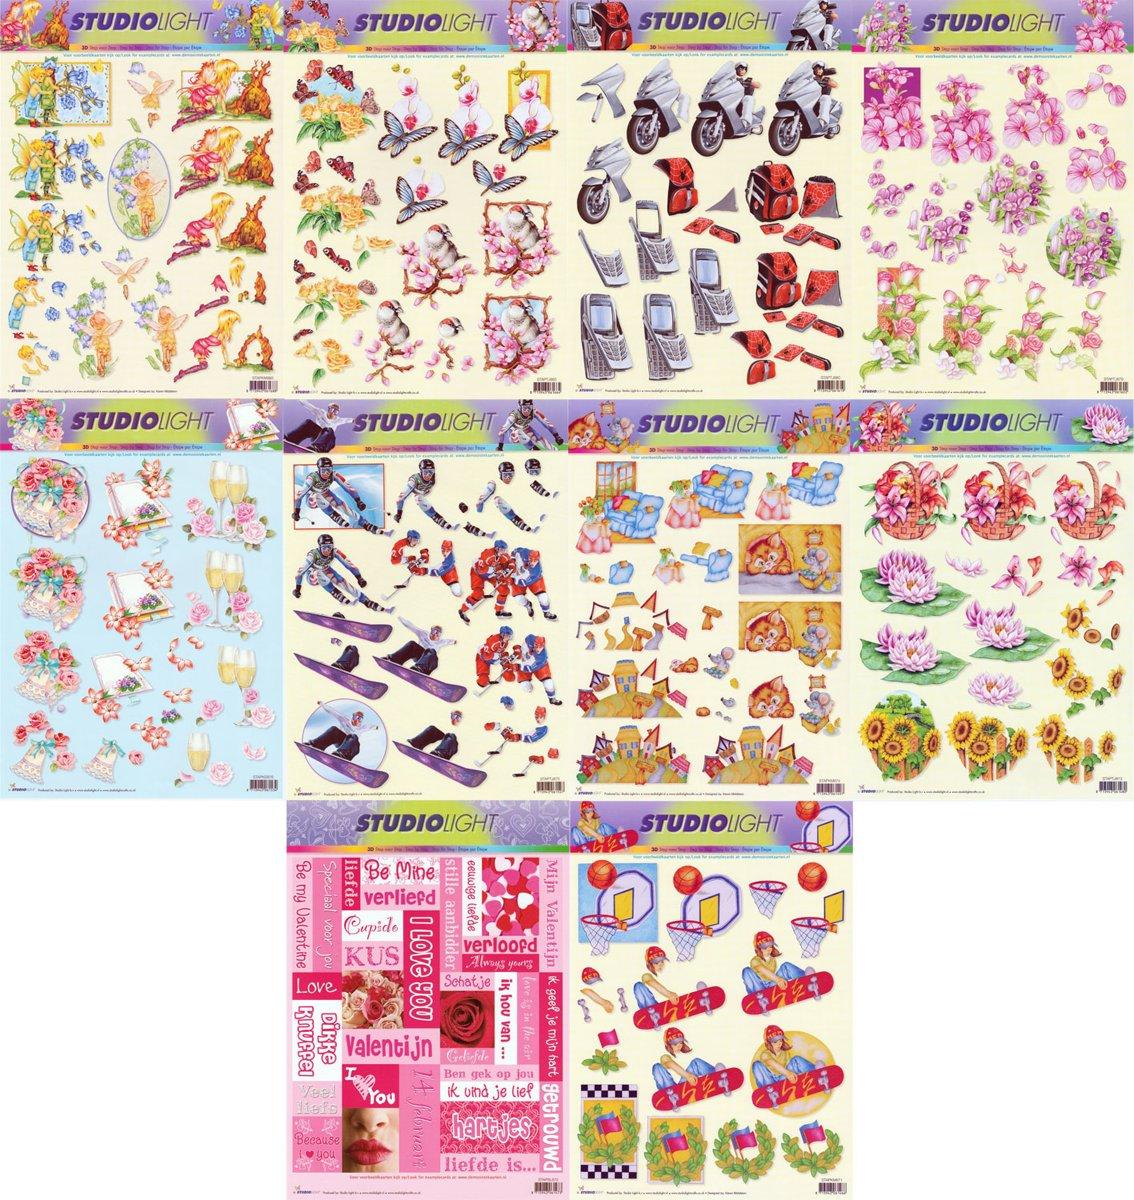 10x 3DA4 Knipvellen - Voor elk wat wils - Maak prachtige kaarten en scrapbook kopen